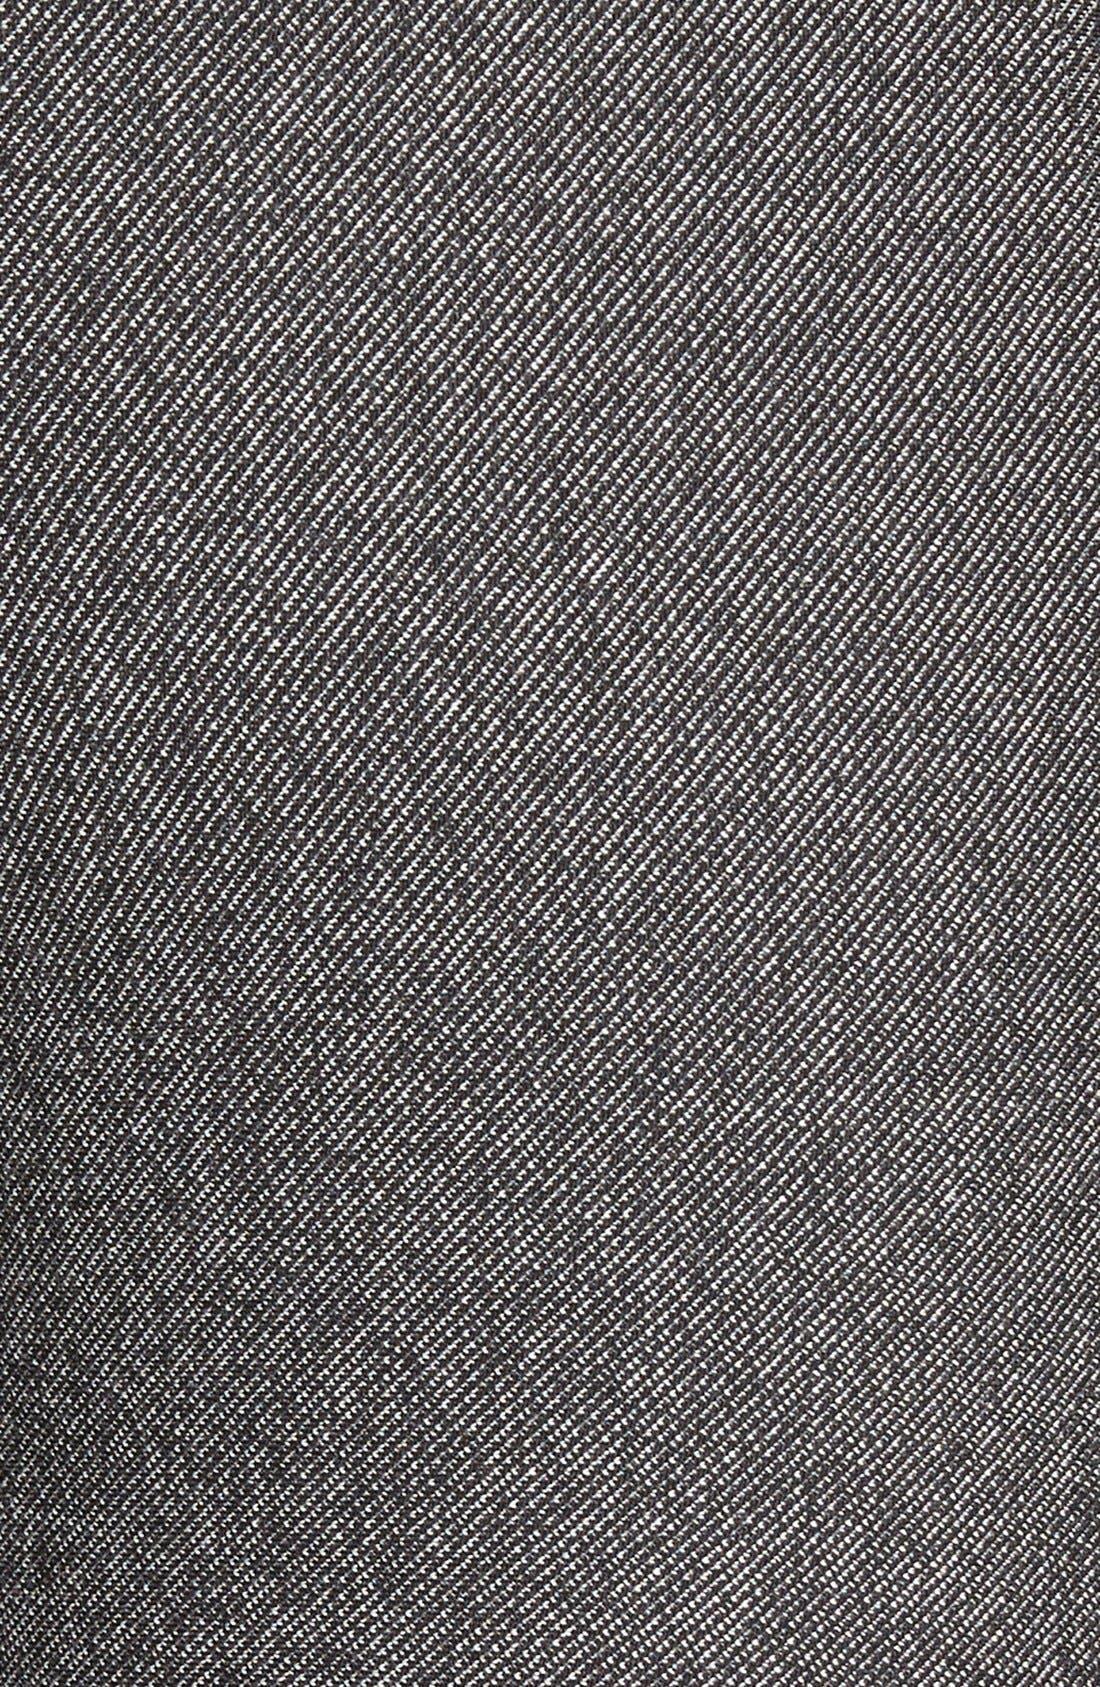 Alternate Image 3  - Hue Tweed Leggings